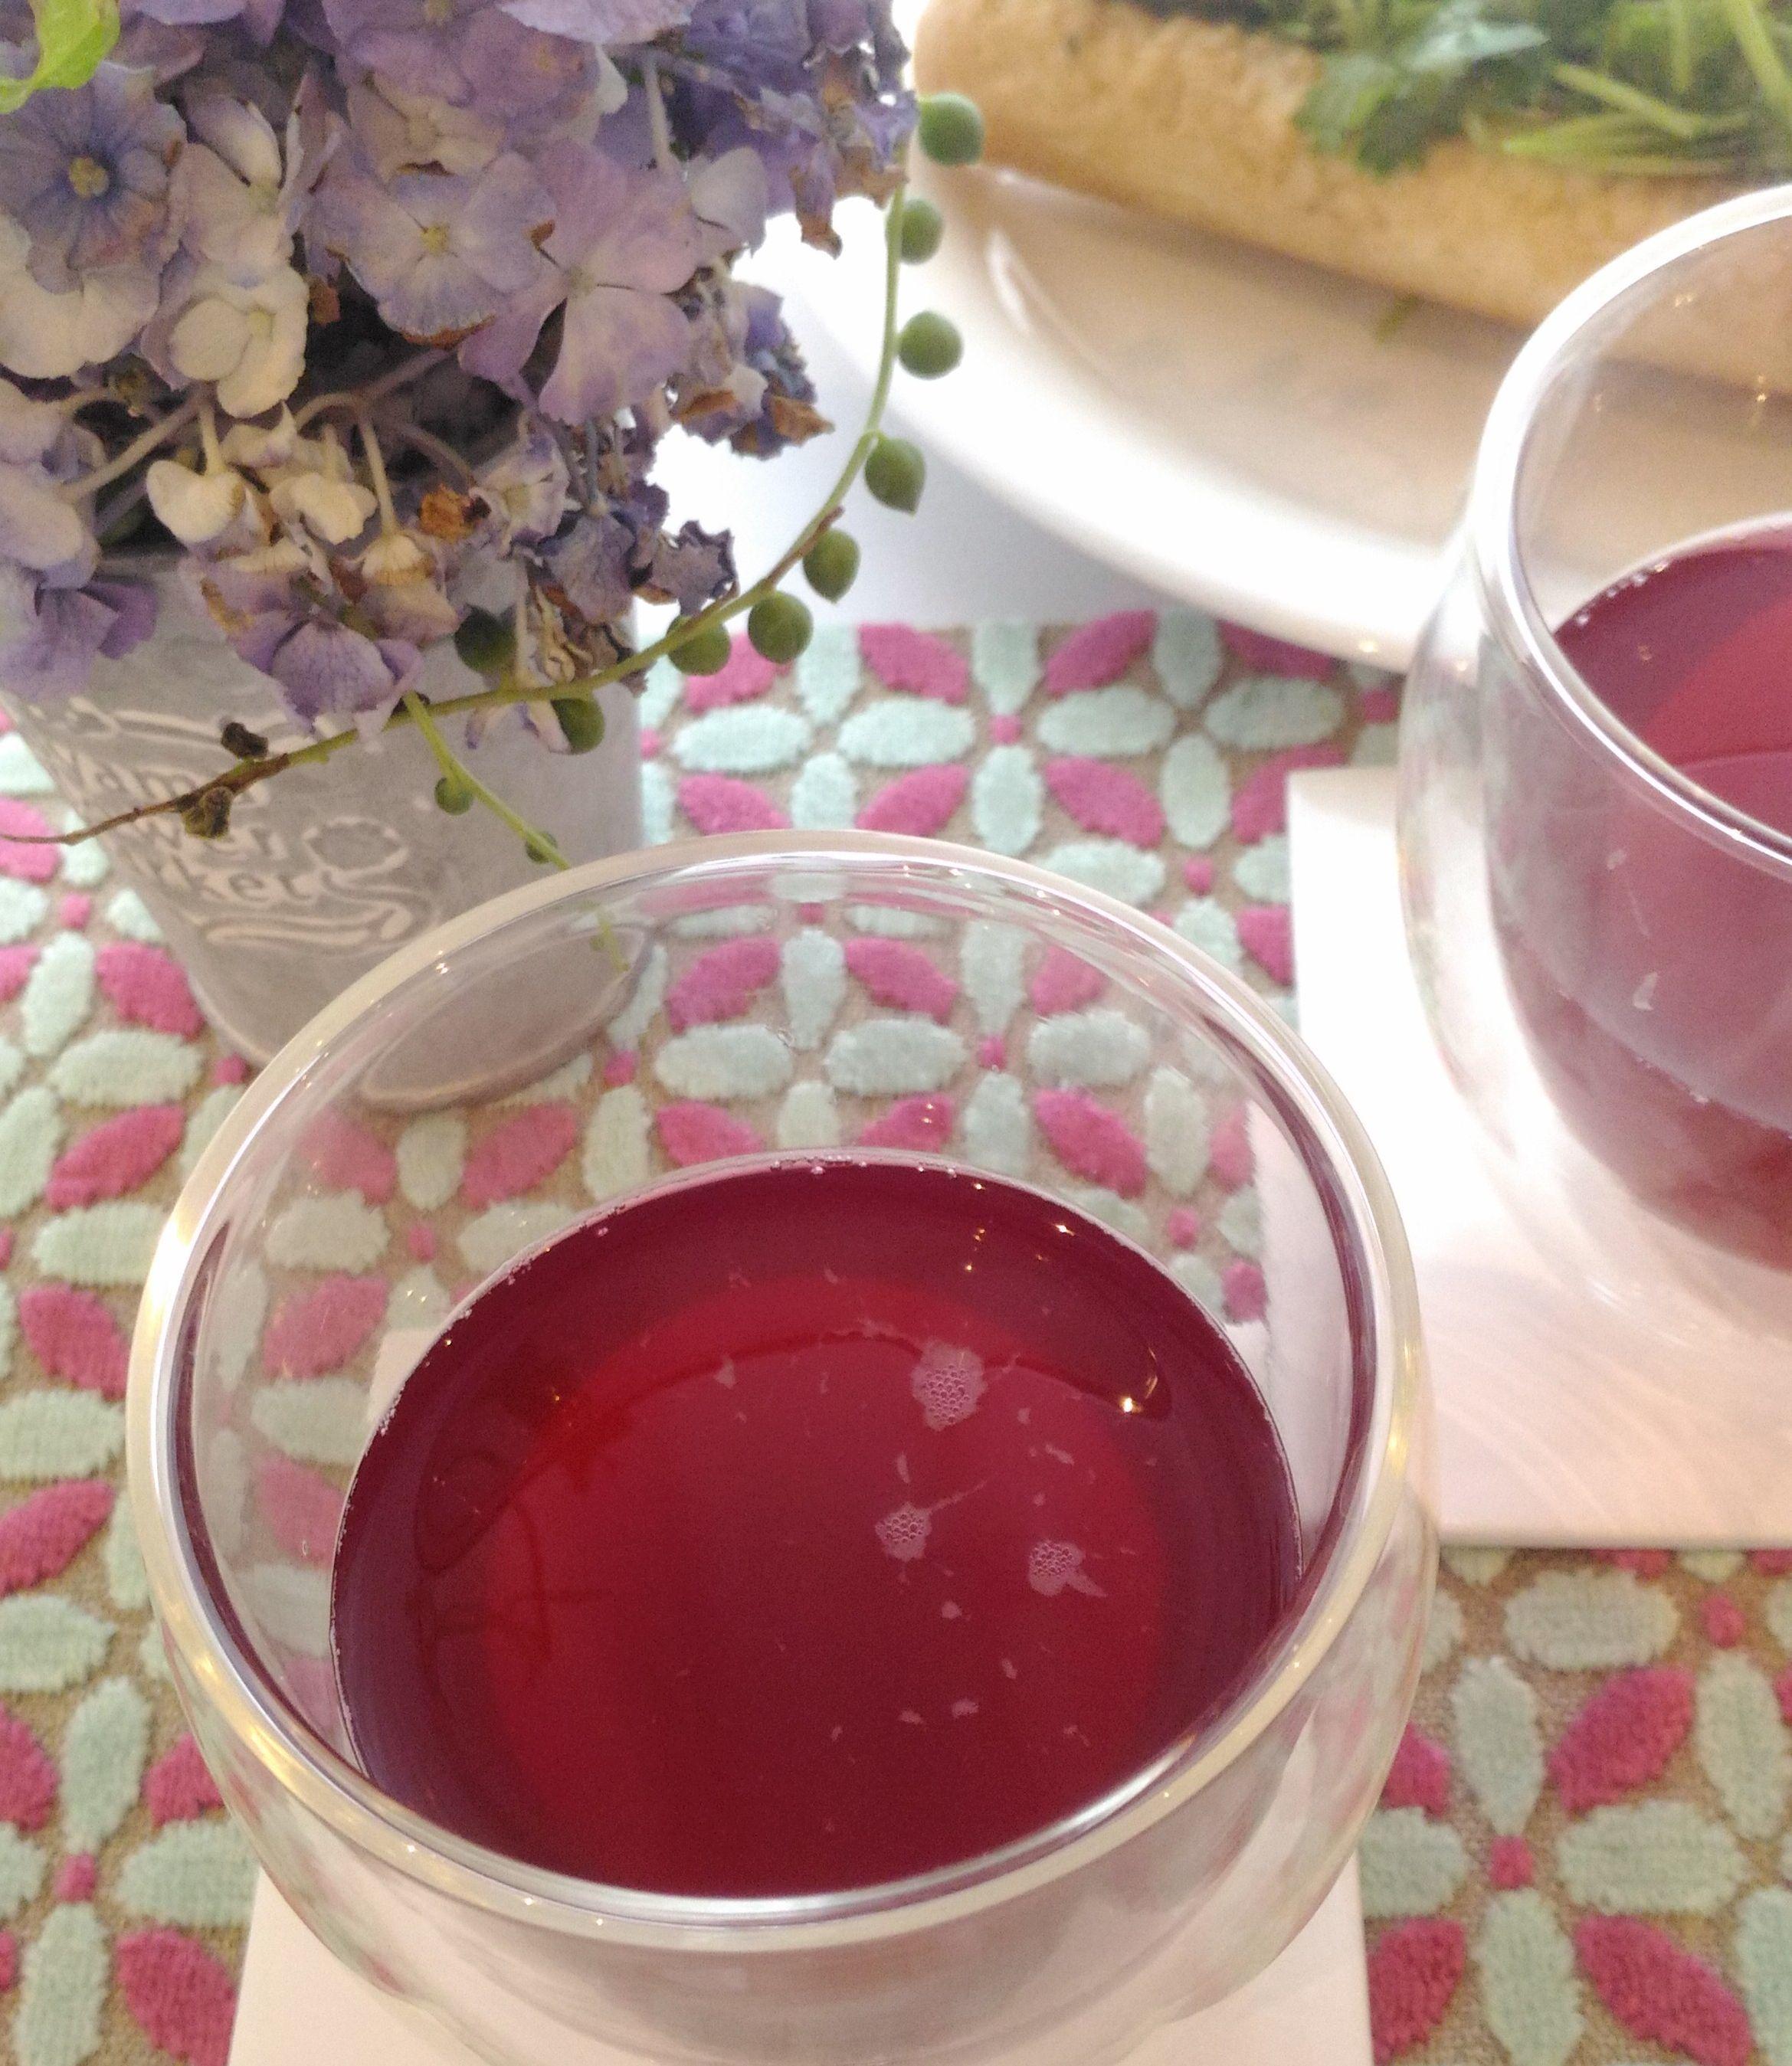 夏疲れ回復レシピ②:母の味・赤しそドリンクを食前に_1_1